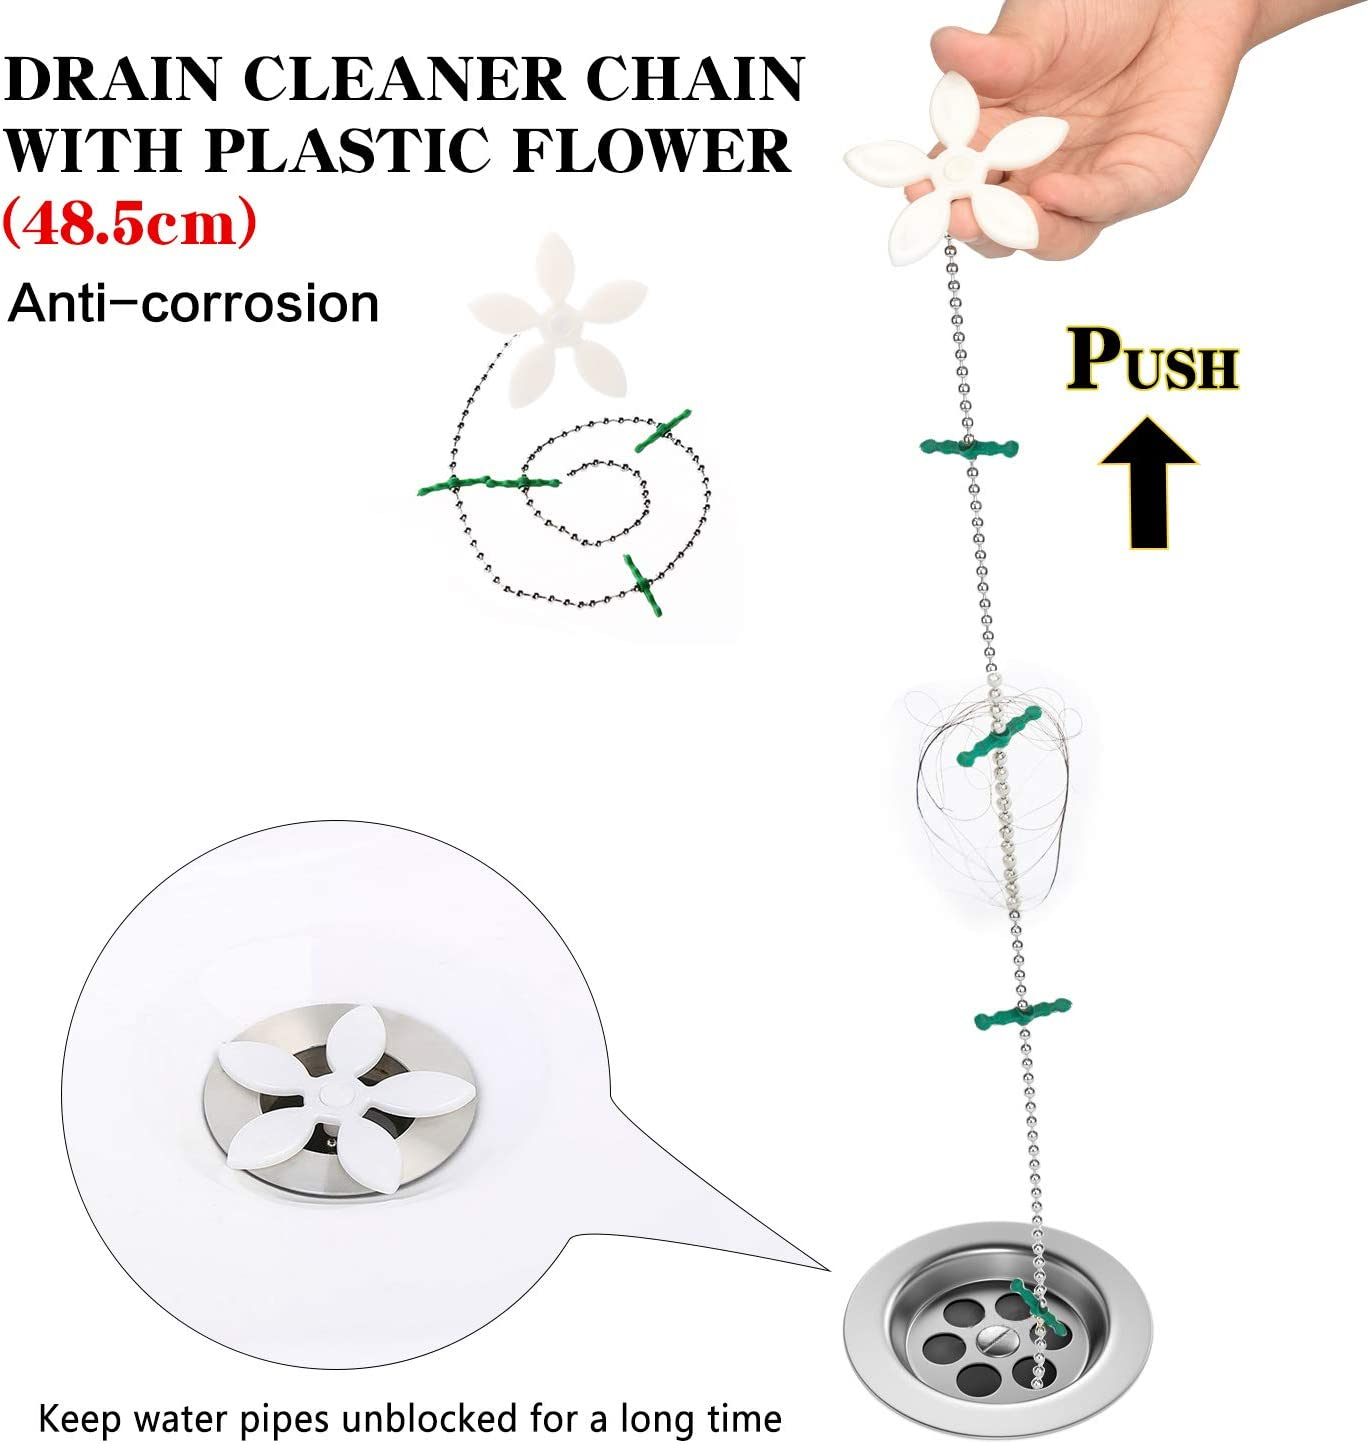 Drado 6 pcs Furet D/éboucheur Outils de Nettoyage en Plastique pour D/éboucher les Cheveux ou D/échets Ideal pour Cuisine//Evier//Baignoire//Canalisation